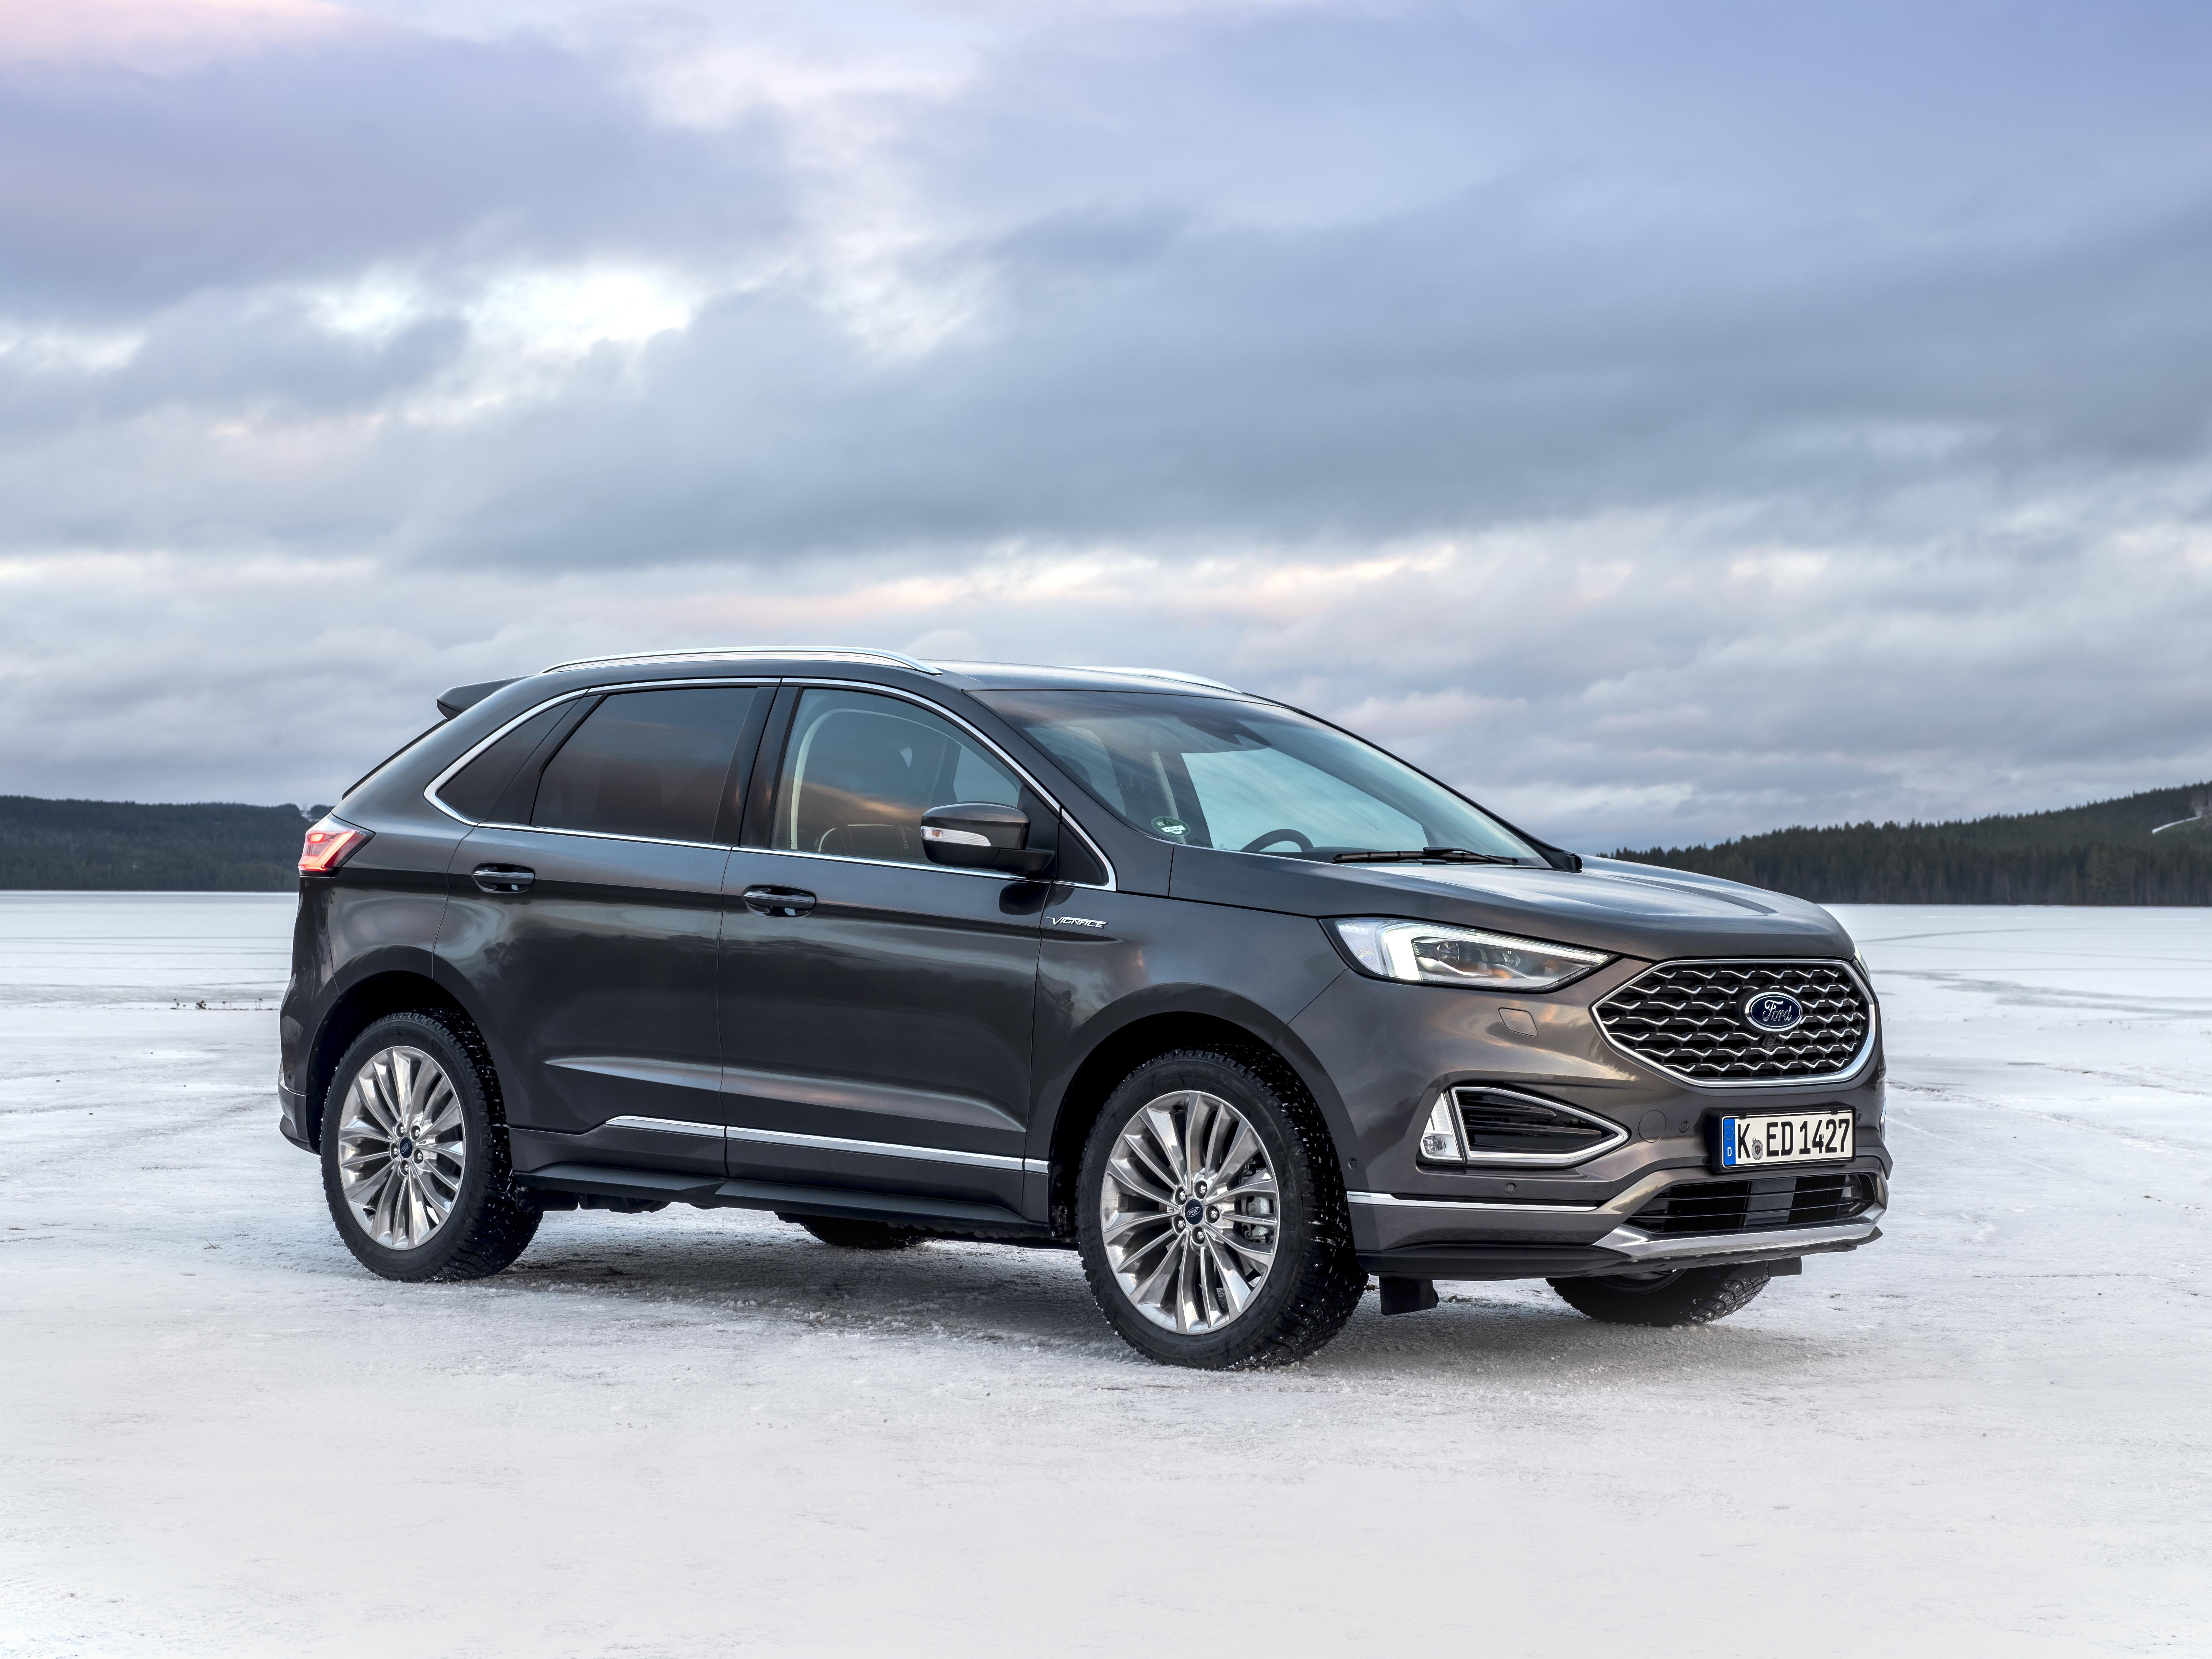 Nuova Ford Edge 2019 I 10 Segreti Del Suv Americano Foto